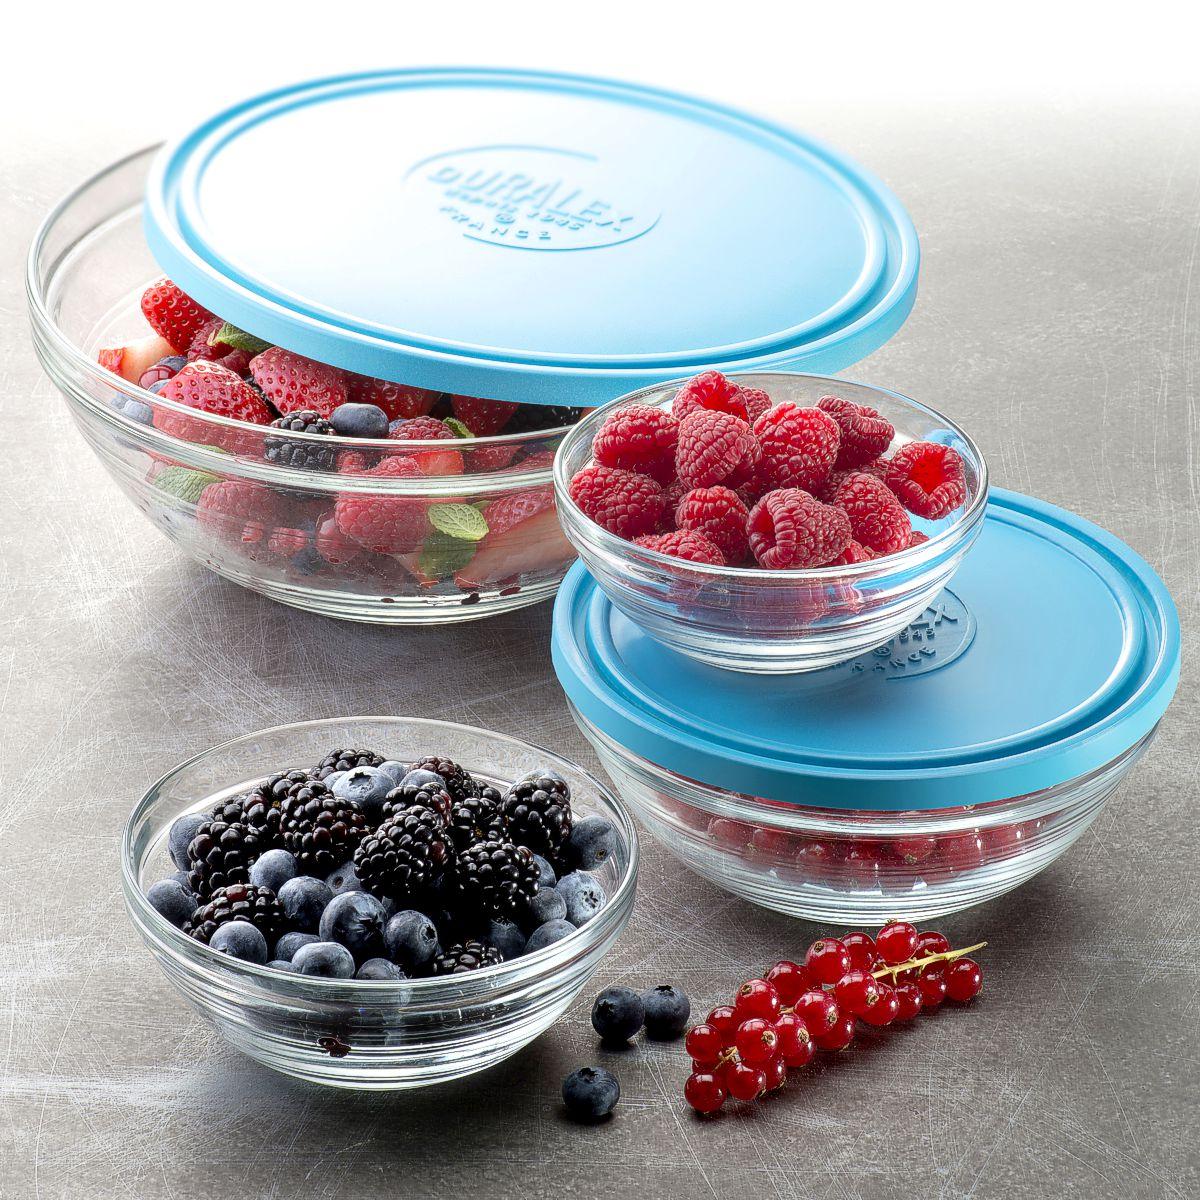 duralex-lys-stackable-bowls-lids-round-storage-glassware-1200